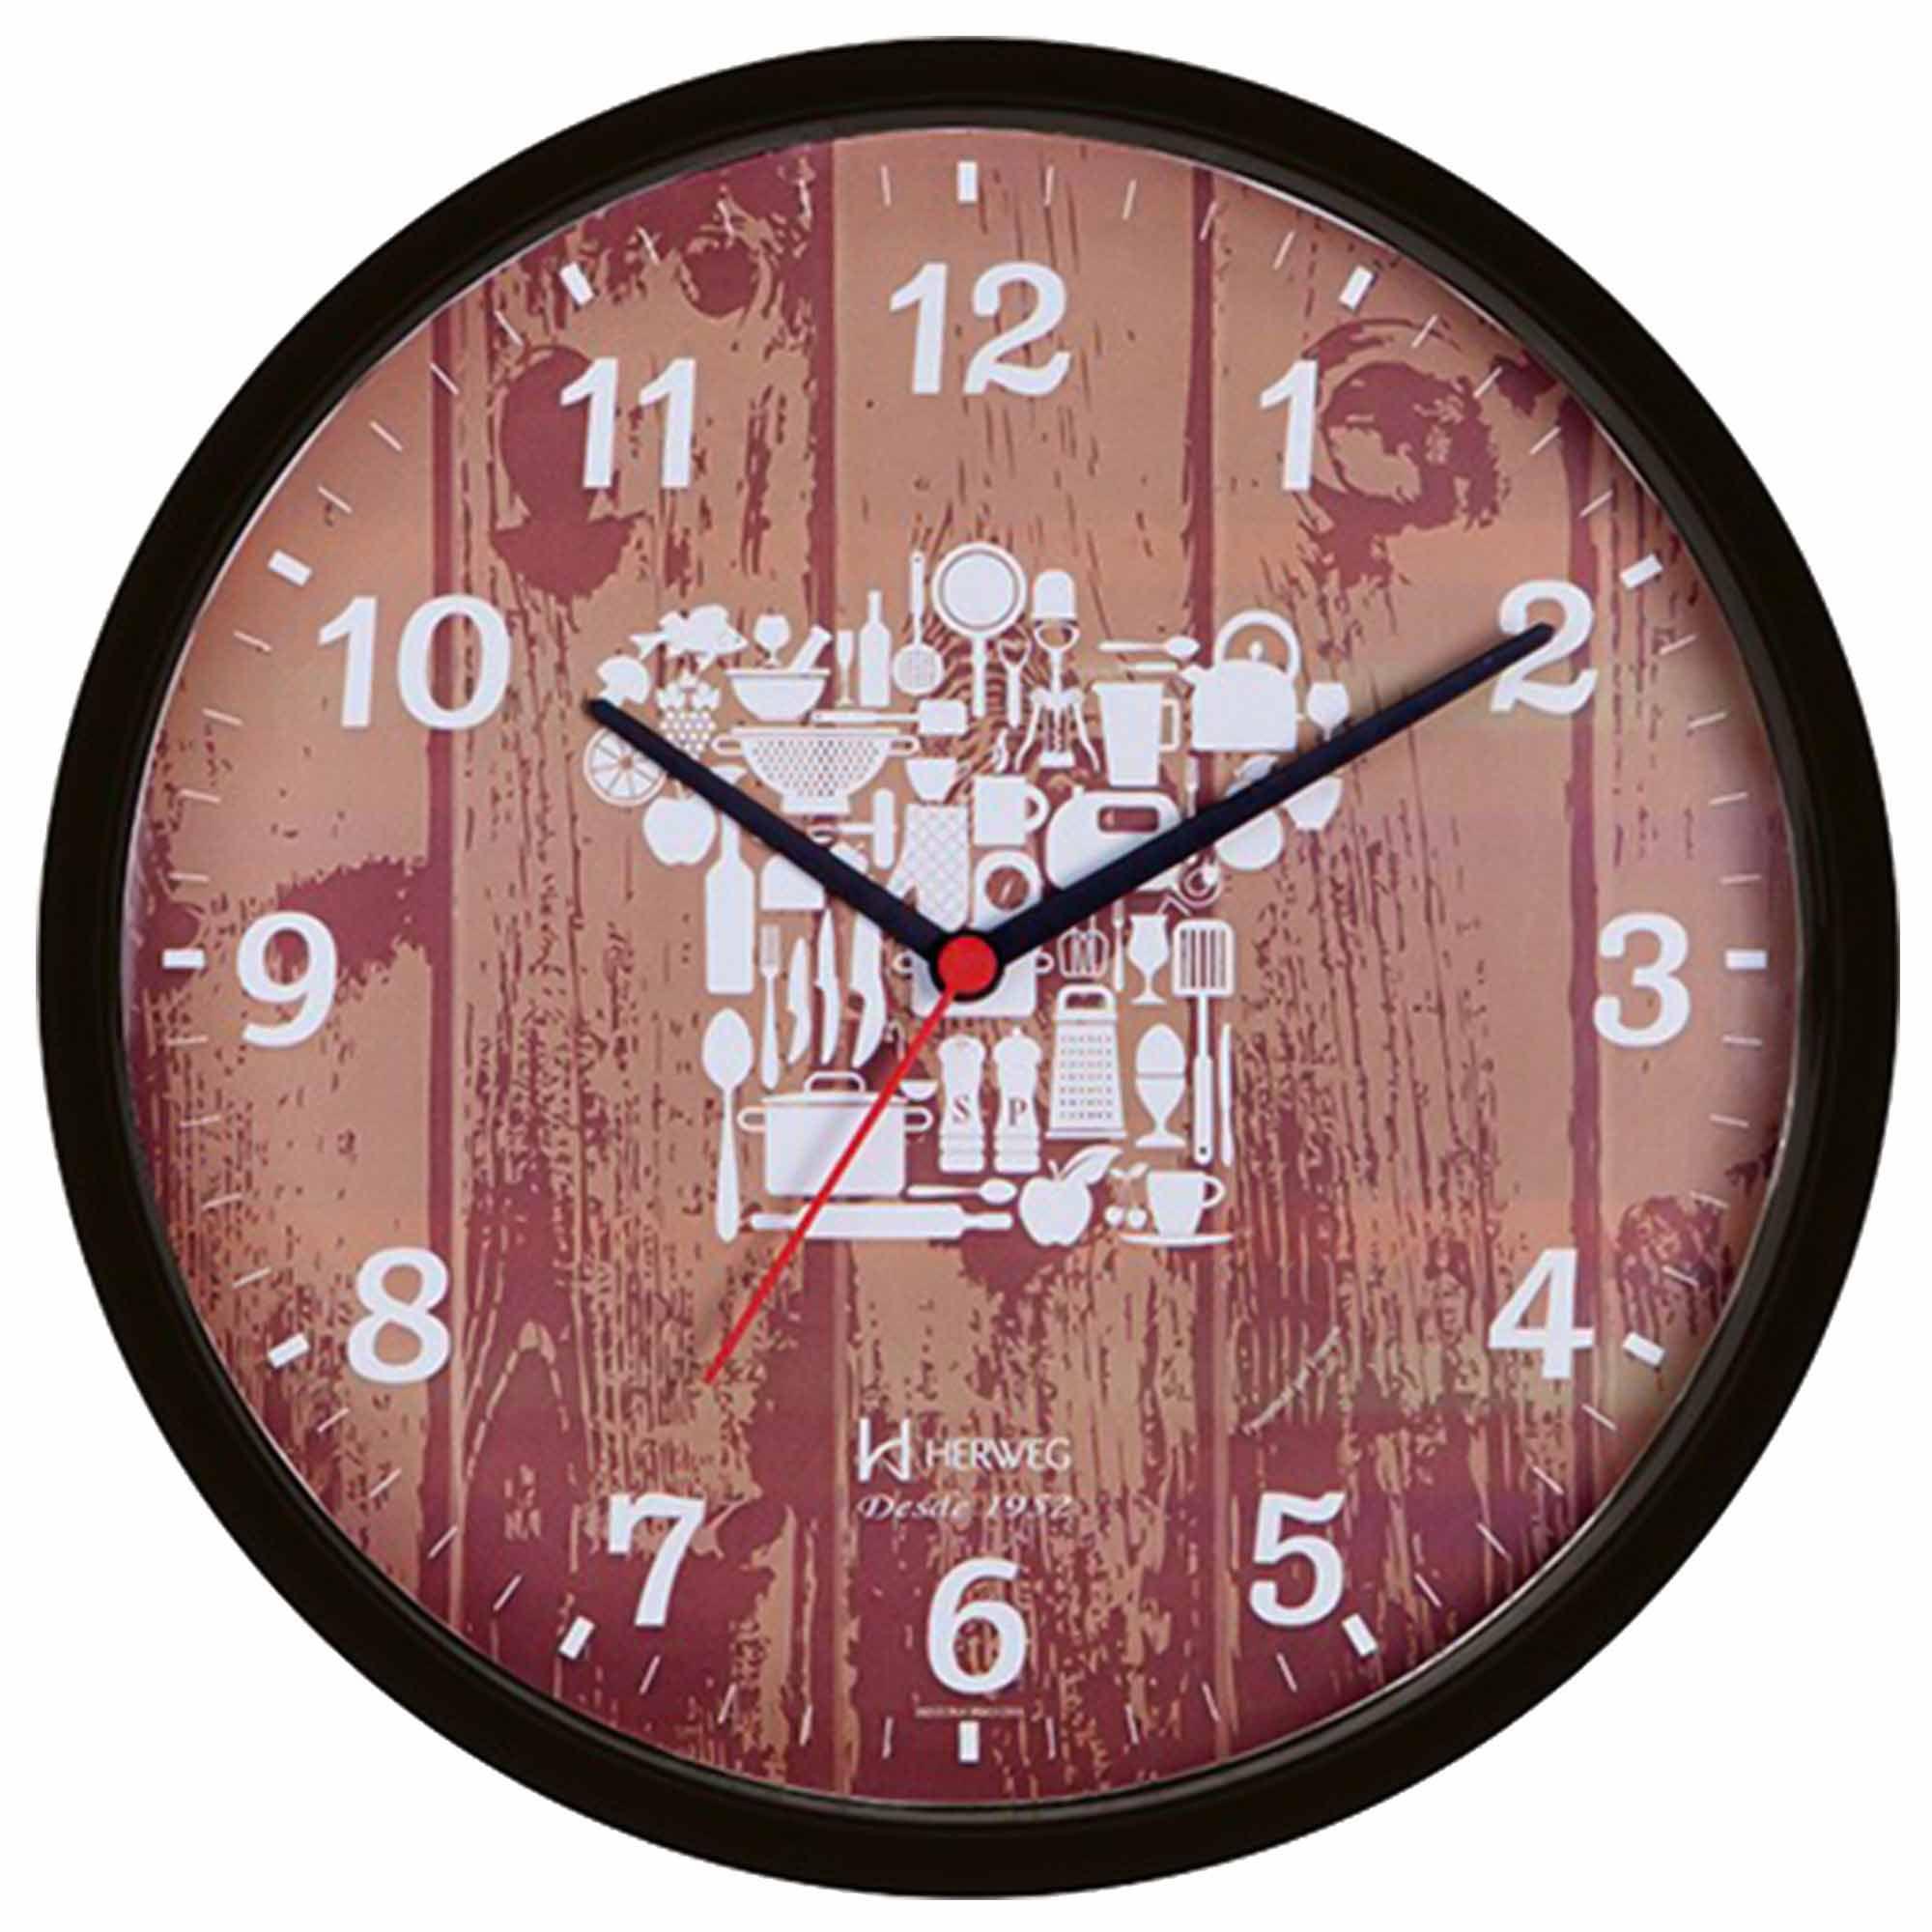 Relógio de Parede Analógico Herweg 660028 034 Preto